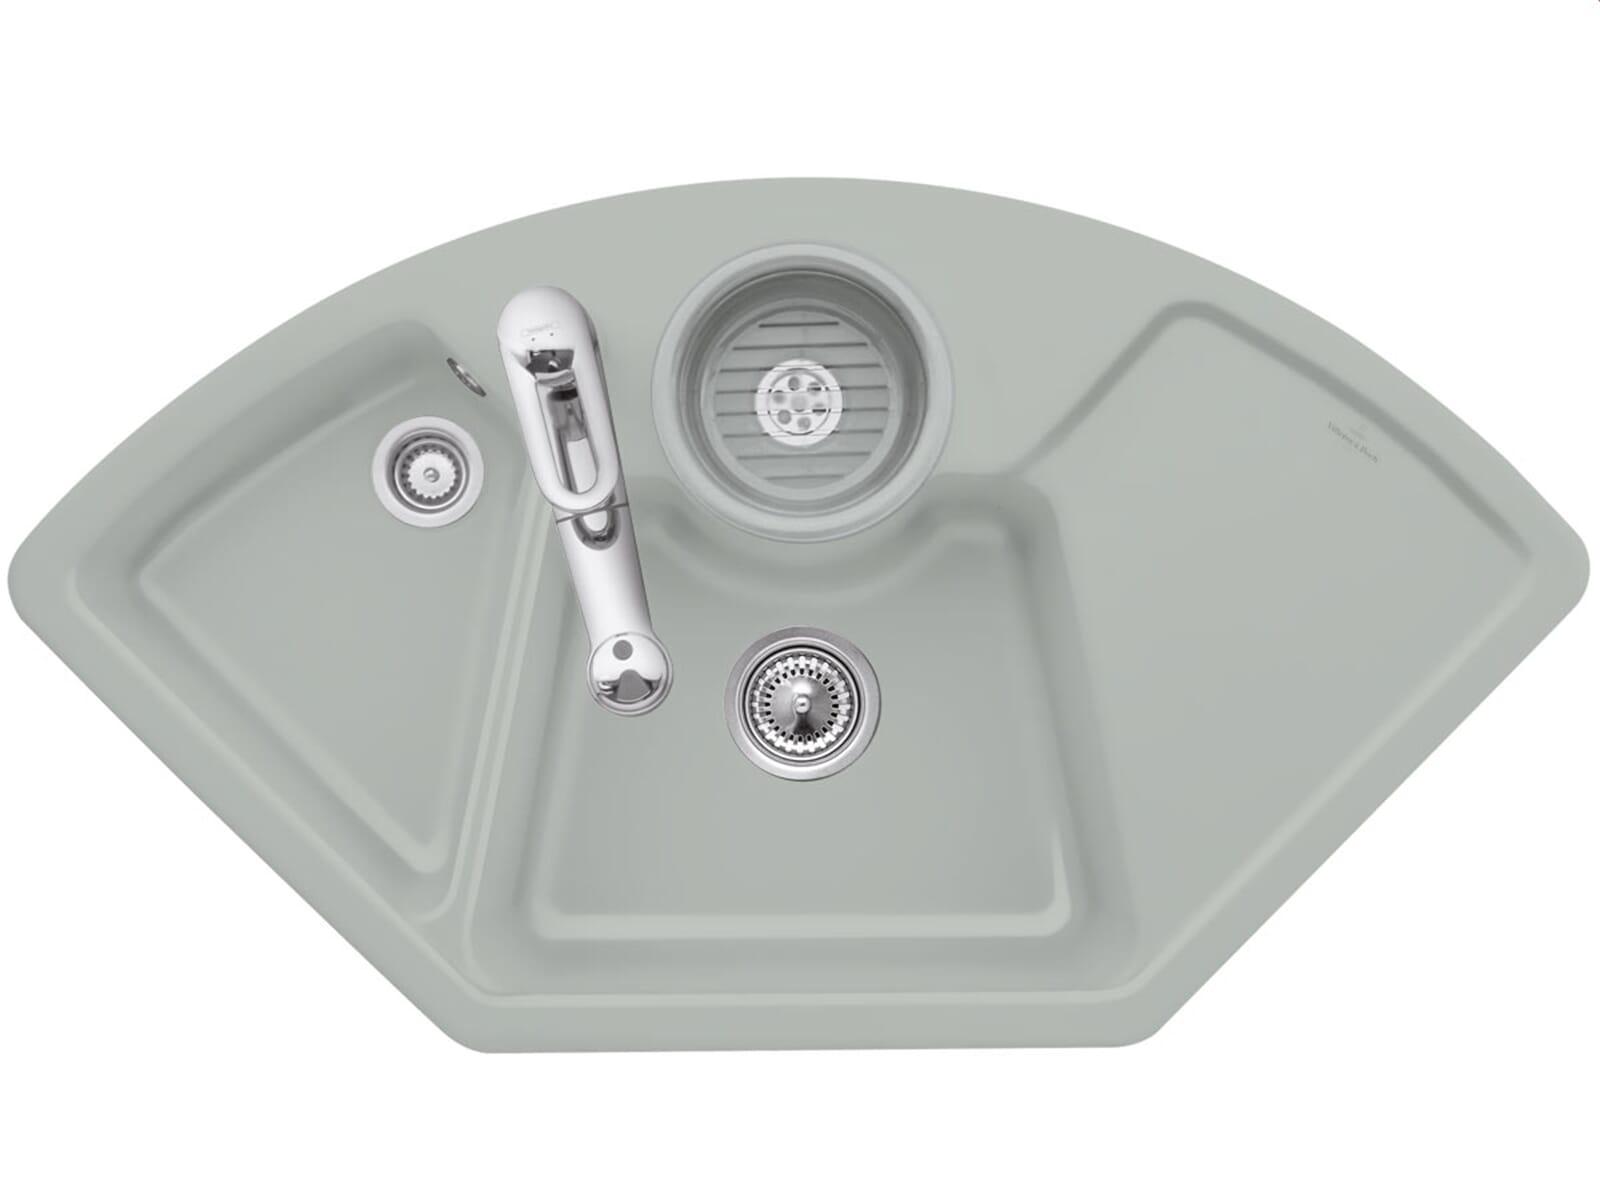 Outdoorküche Mit Spüle Xxl : Küche spüle in ecke gartenküche und outdoorküche grillen im garten